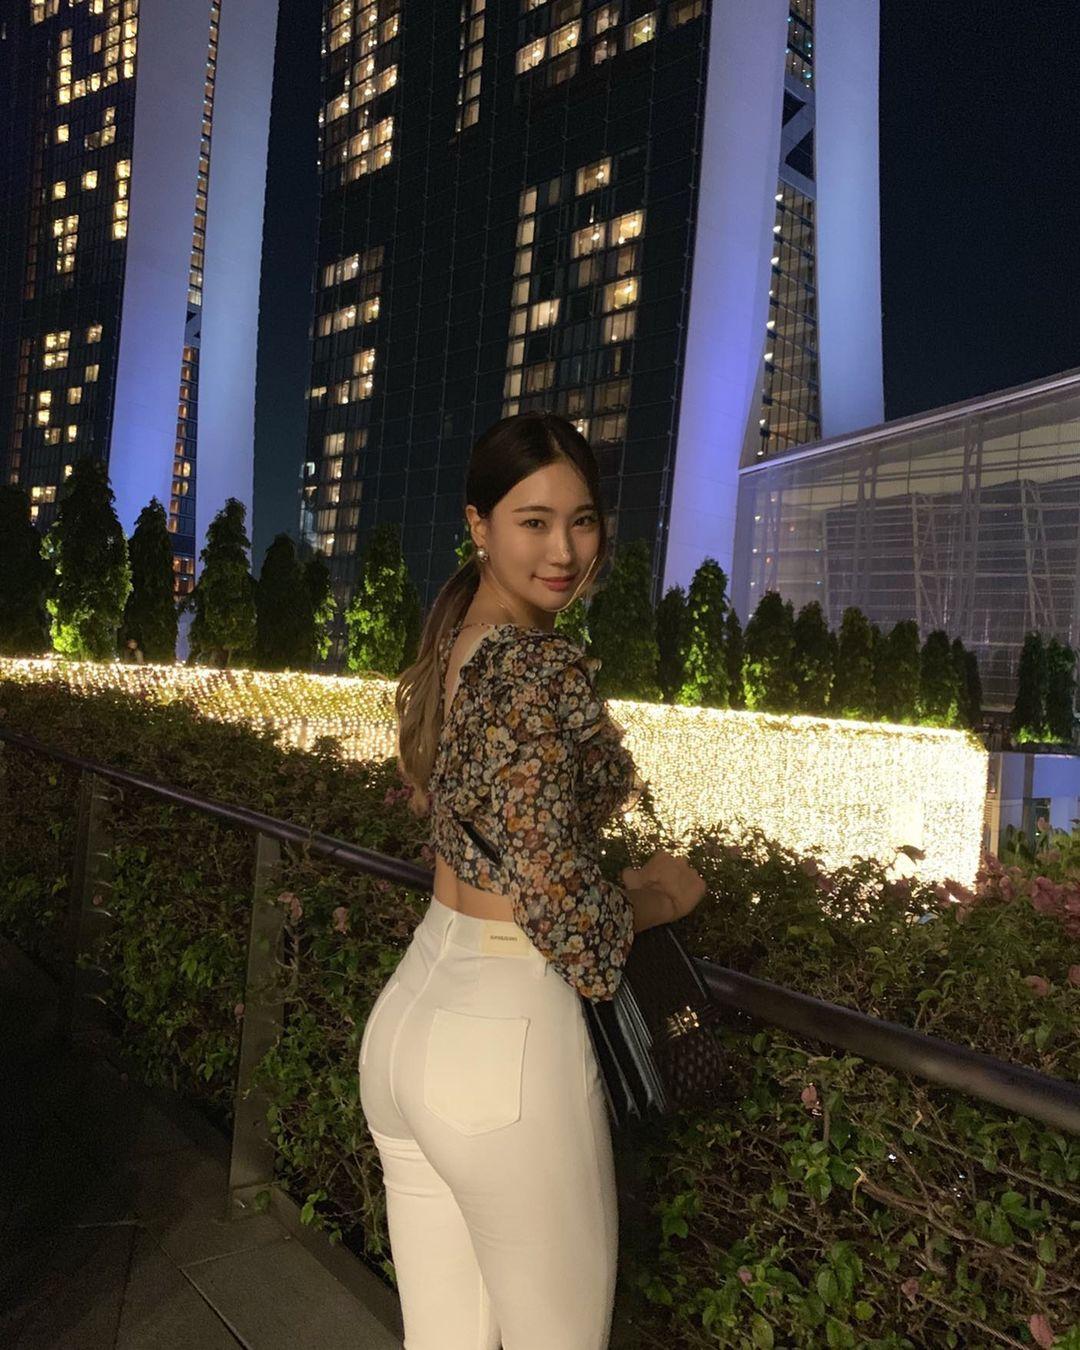 yoo_hyunJu013.jpg